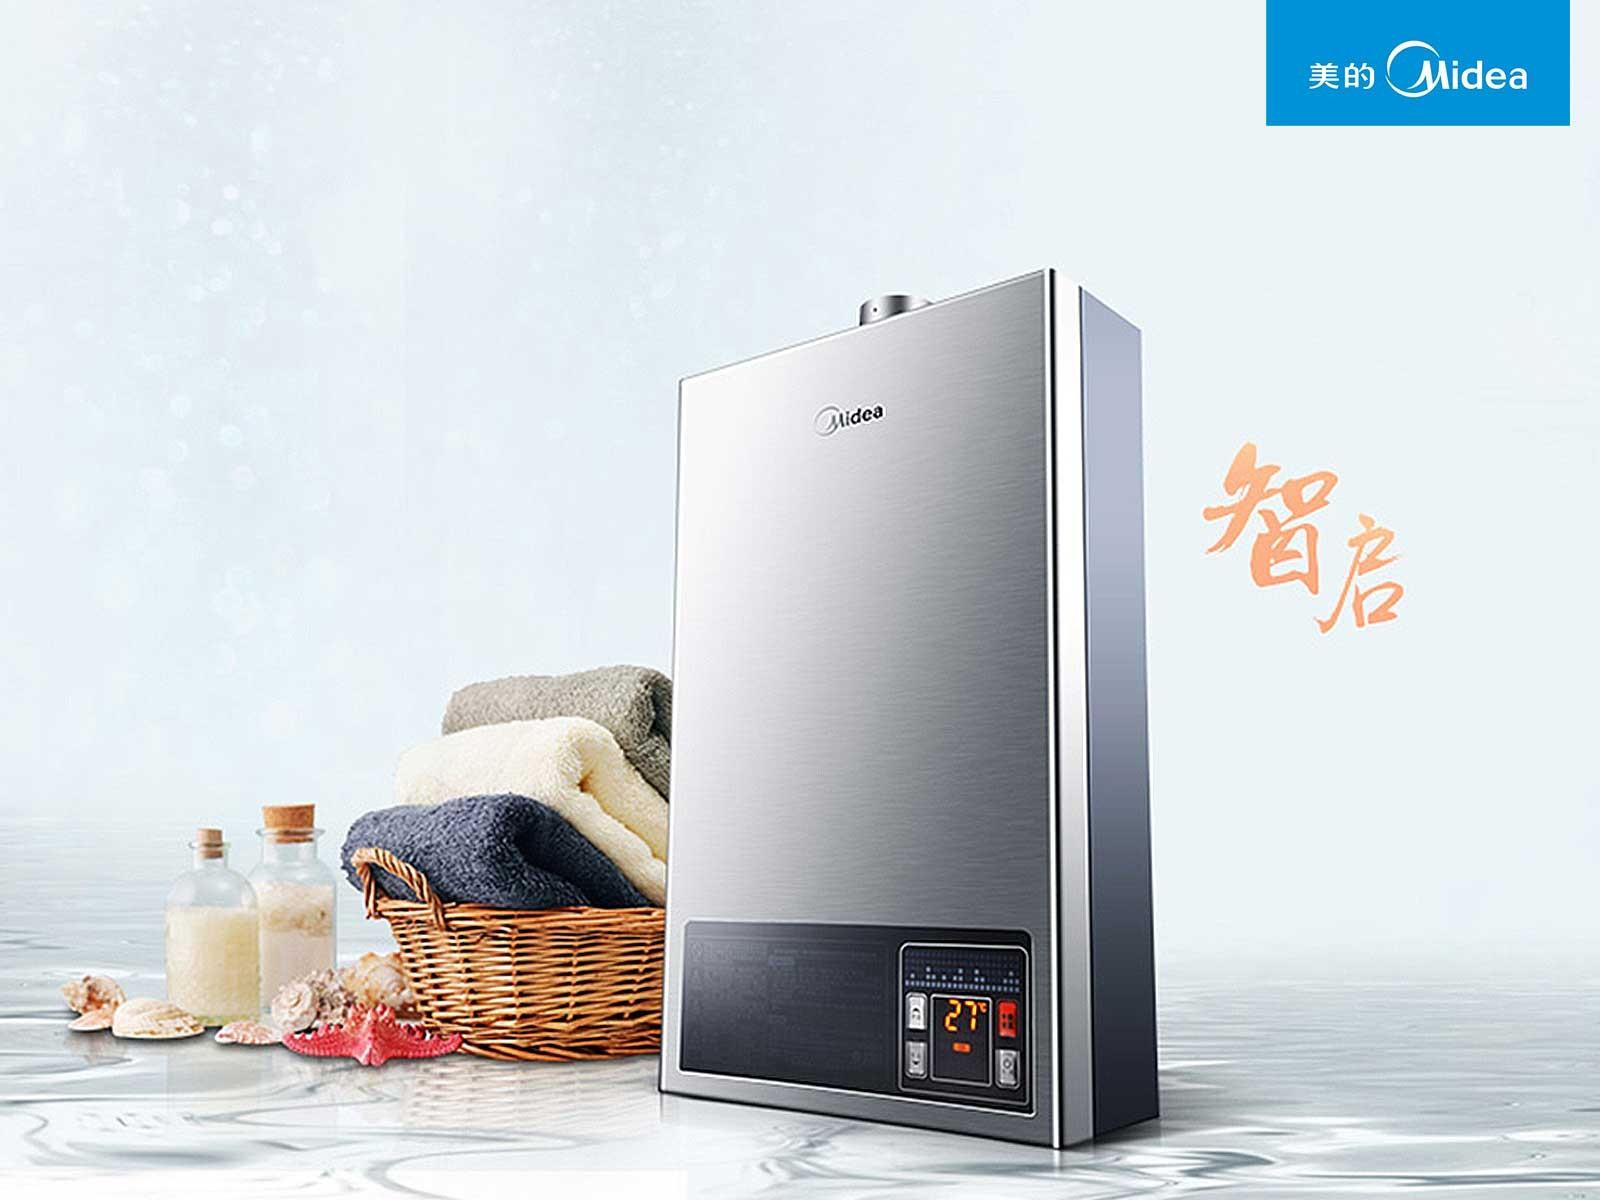 美的空气能热水器怎么样—美的空气能热水器优势介绍